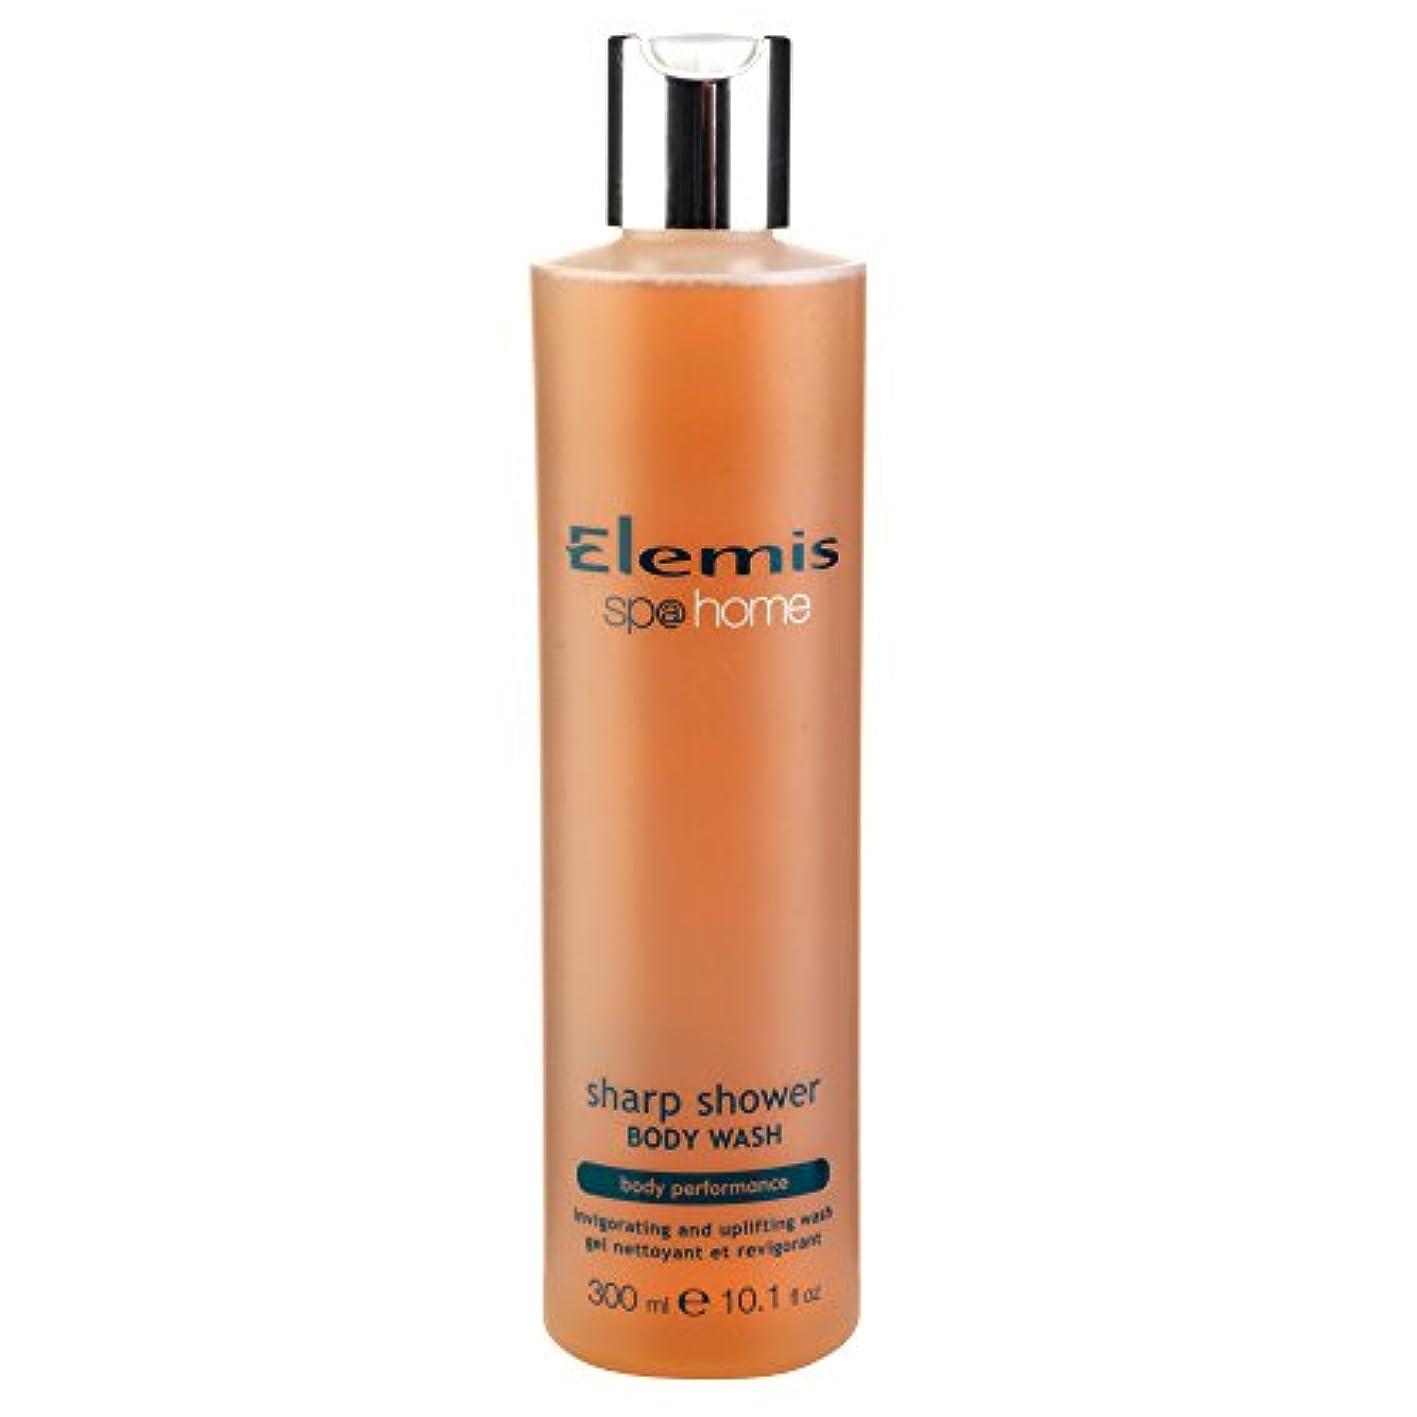 国勢調査拮抗グリーンバックエレミスシャープシャワーボディウォッシュ300ミリリットル (Elemis) (x6) - Elemis Sharp Shower Body Wash 300ml (Pack of 6) [並行輸入品]